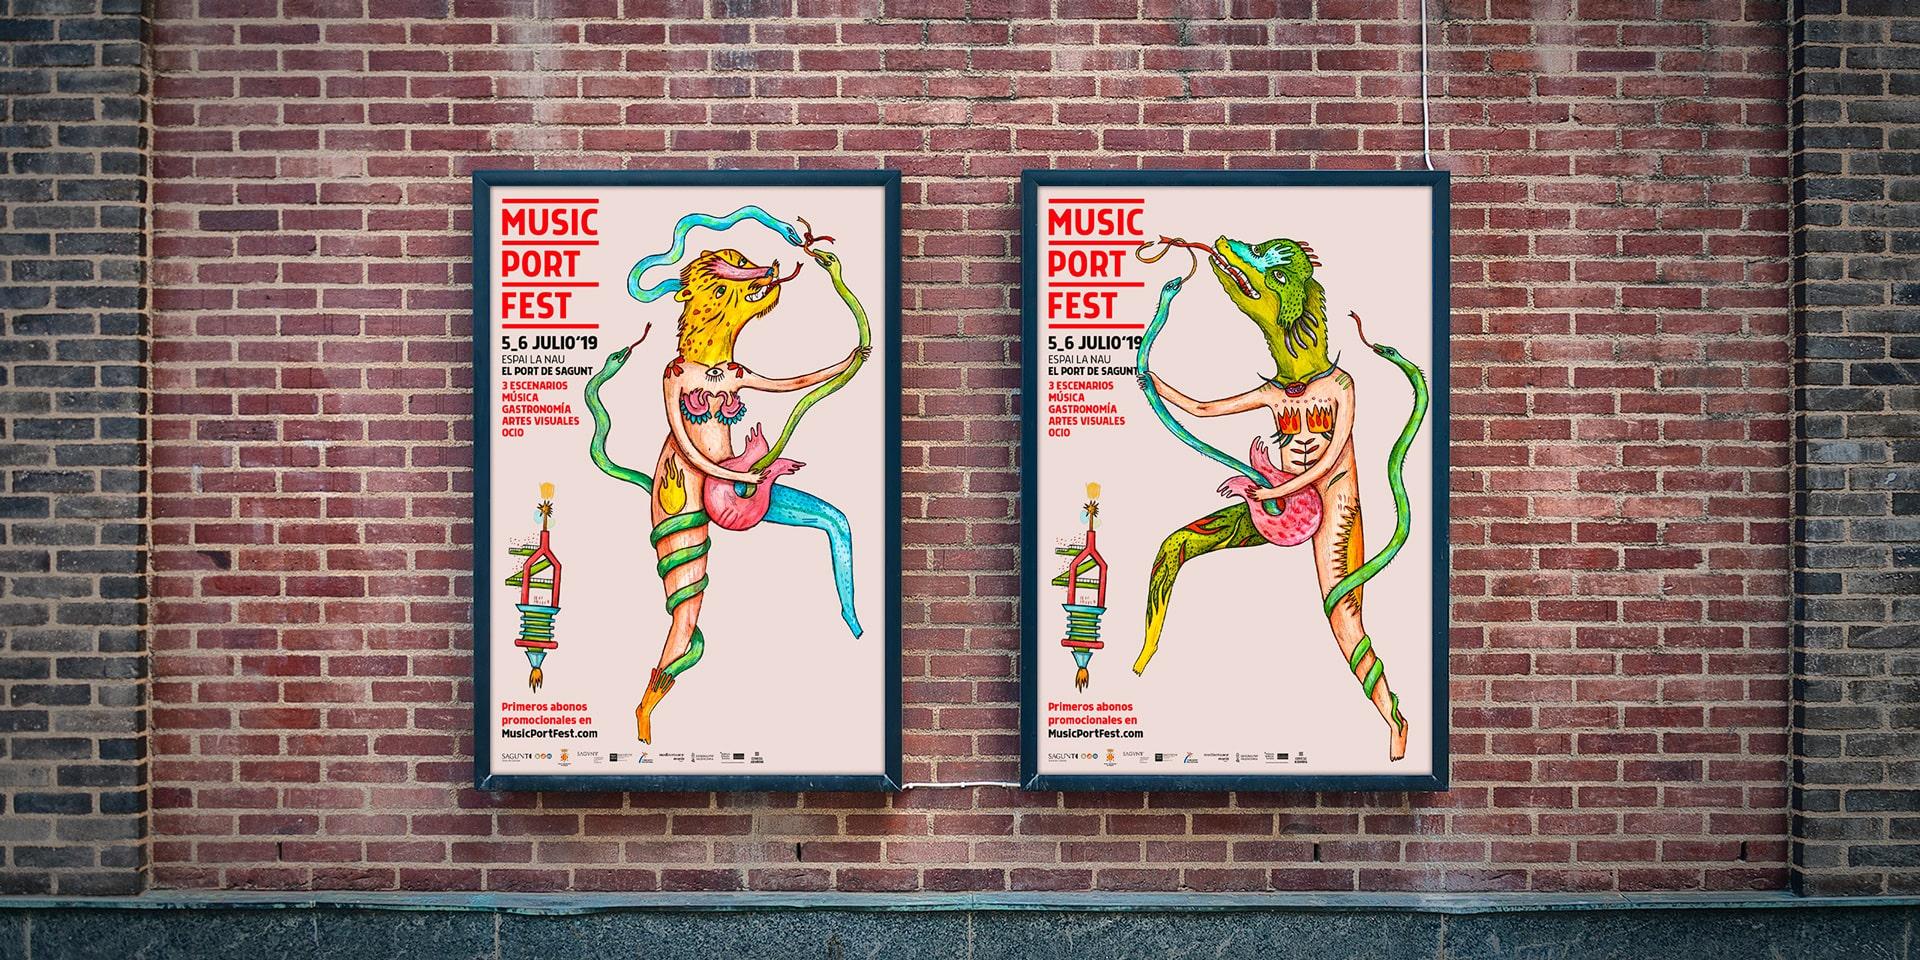 MUSIC PORT FEST 2019